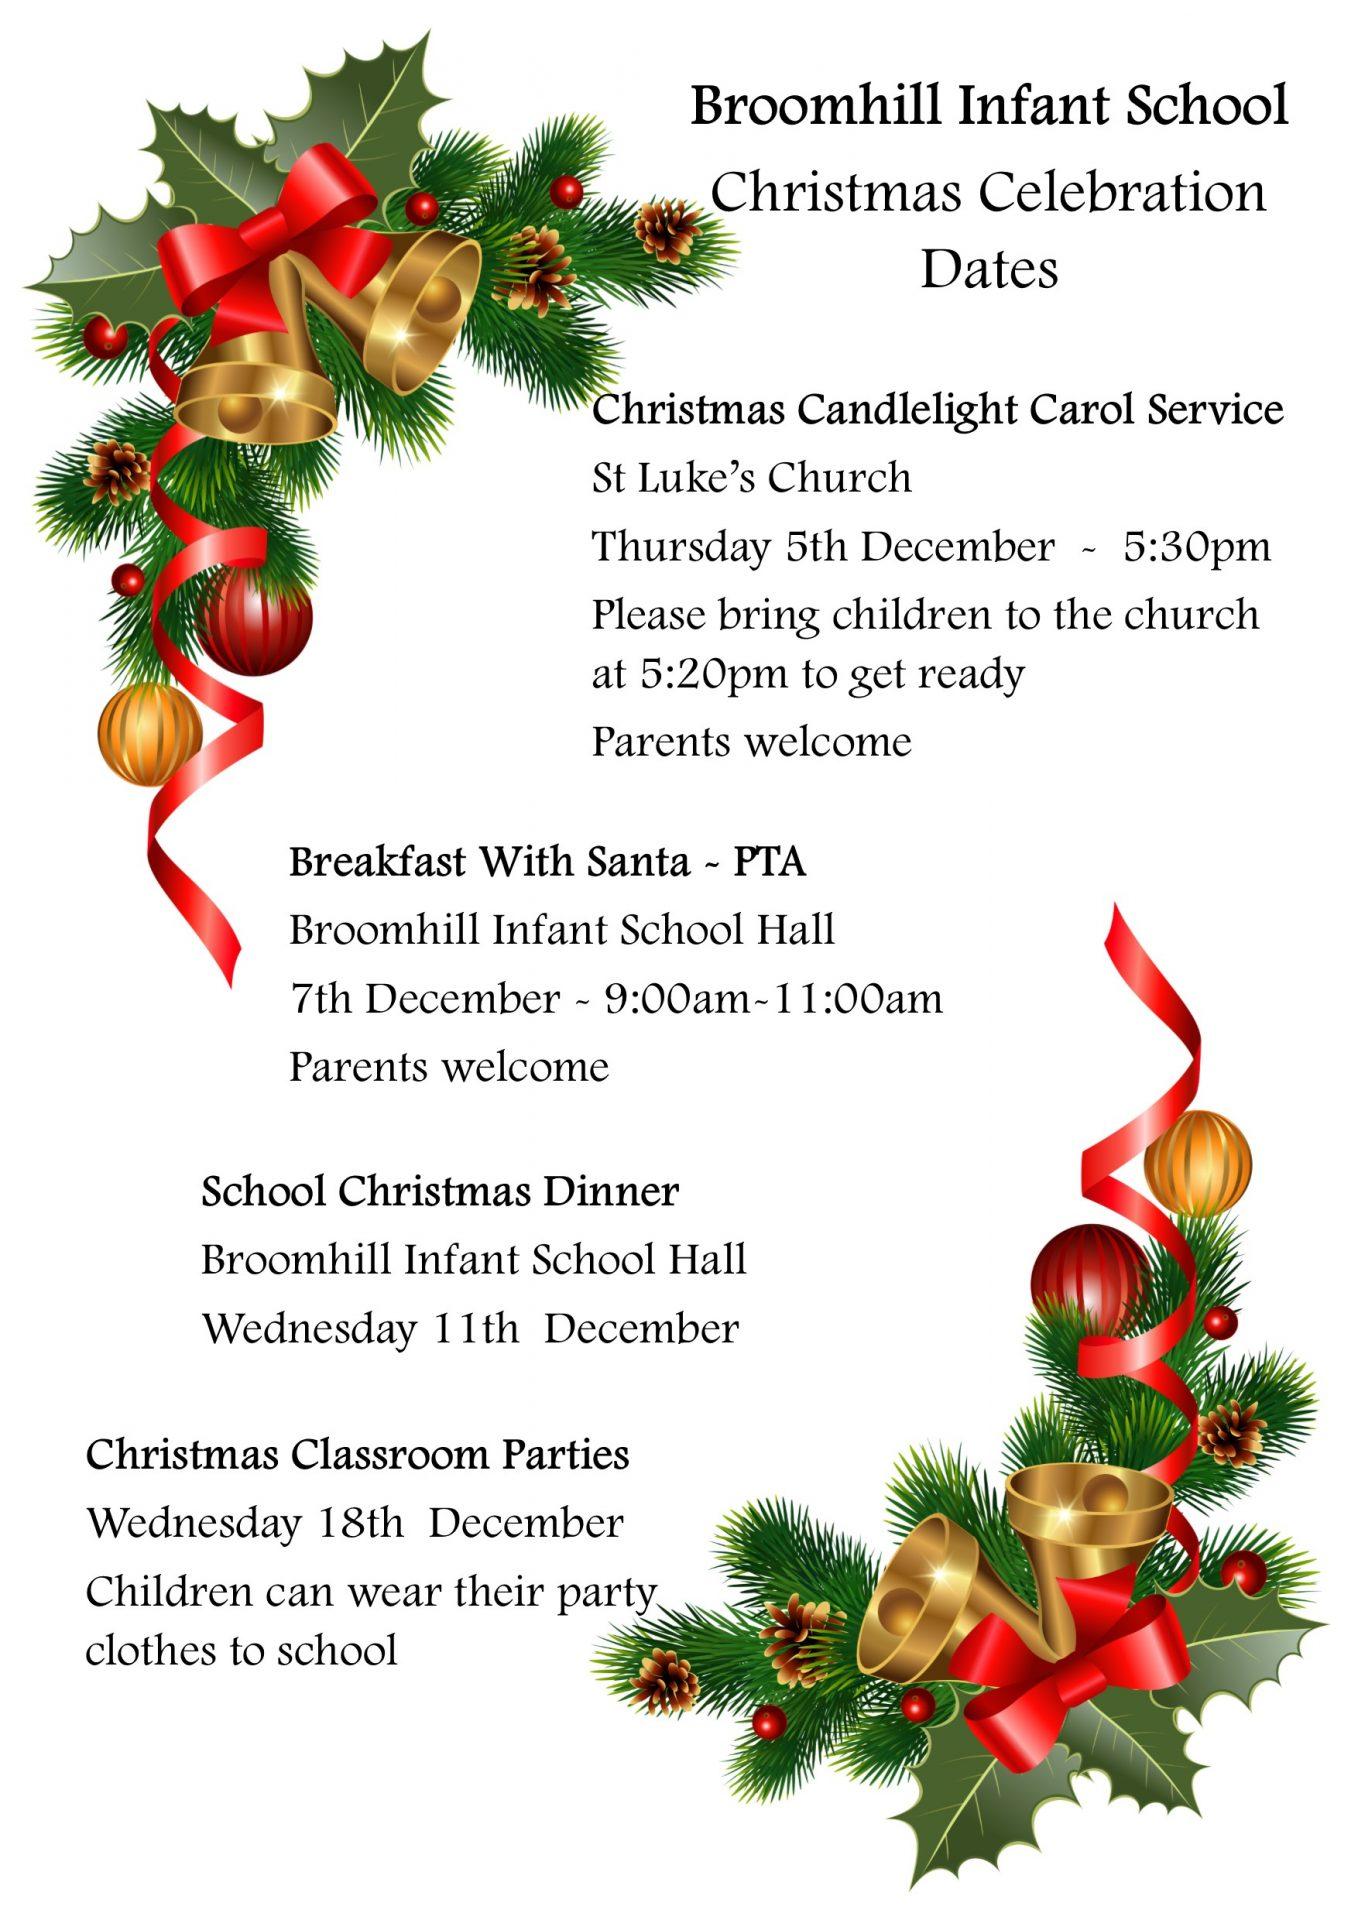 Christmas Celebration Dates